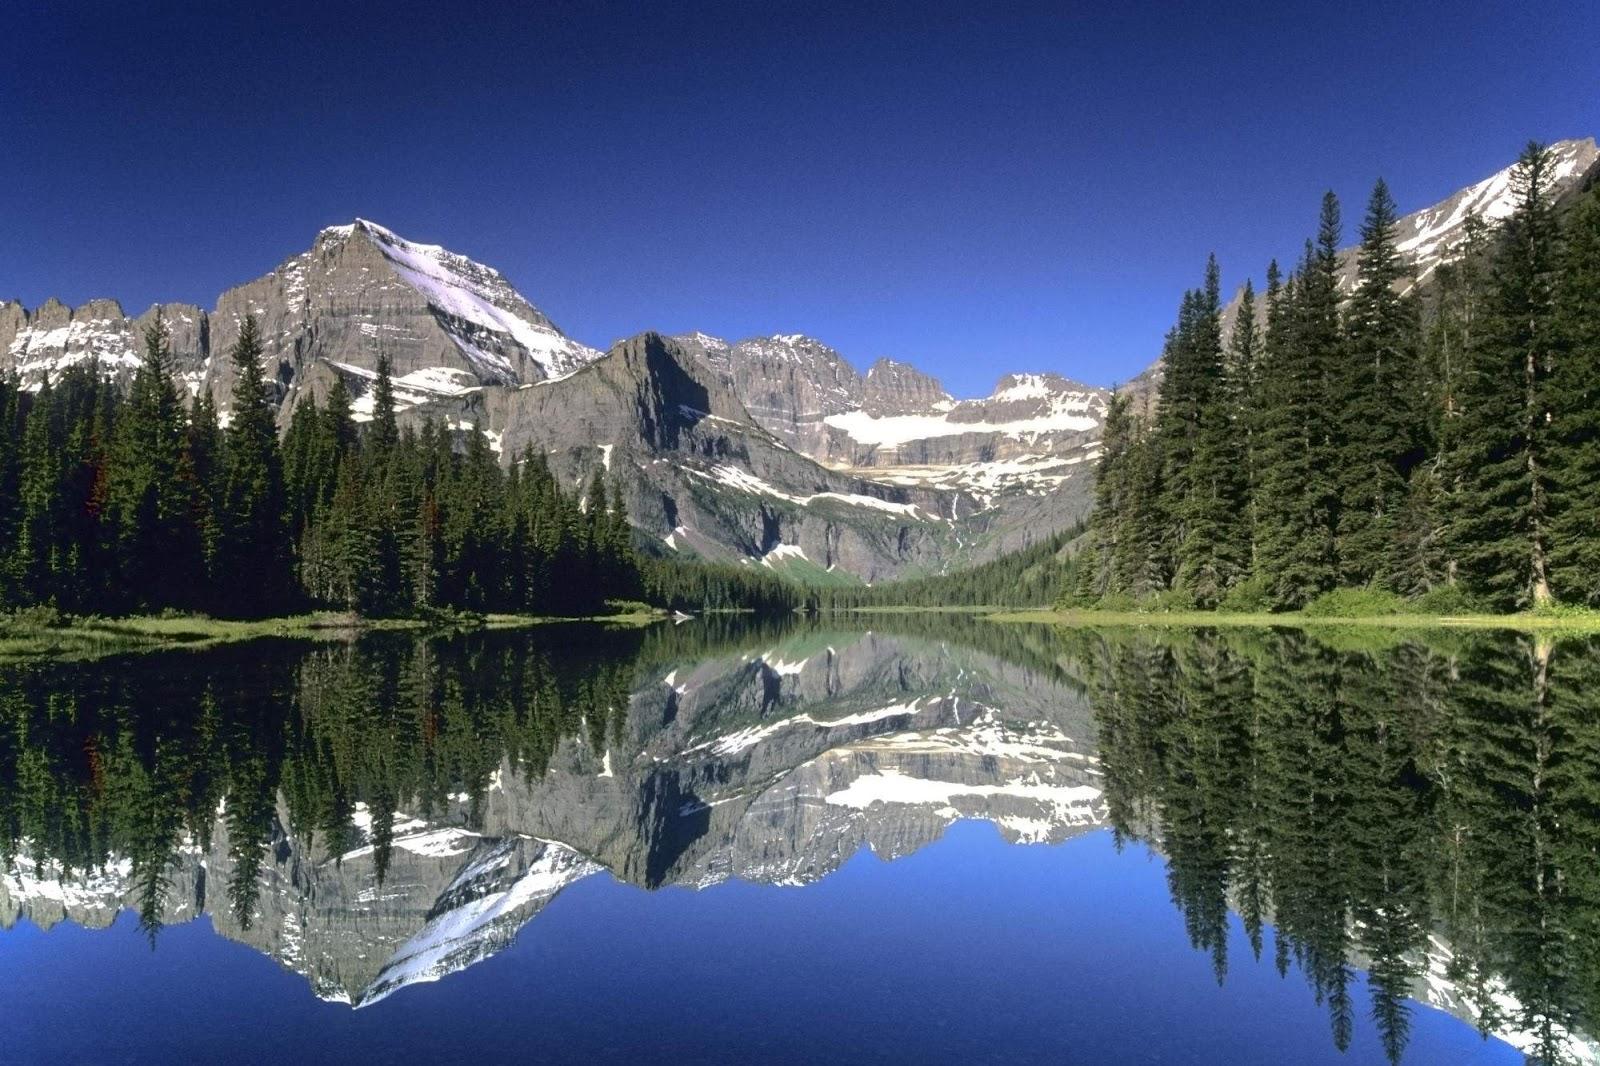 Monochrome mountain lake scenery wallpaper Wallpaper Wide HD 1600x1066